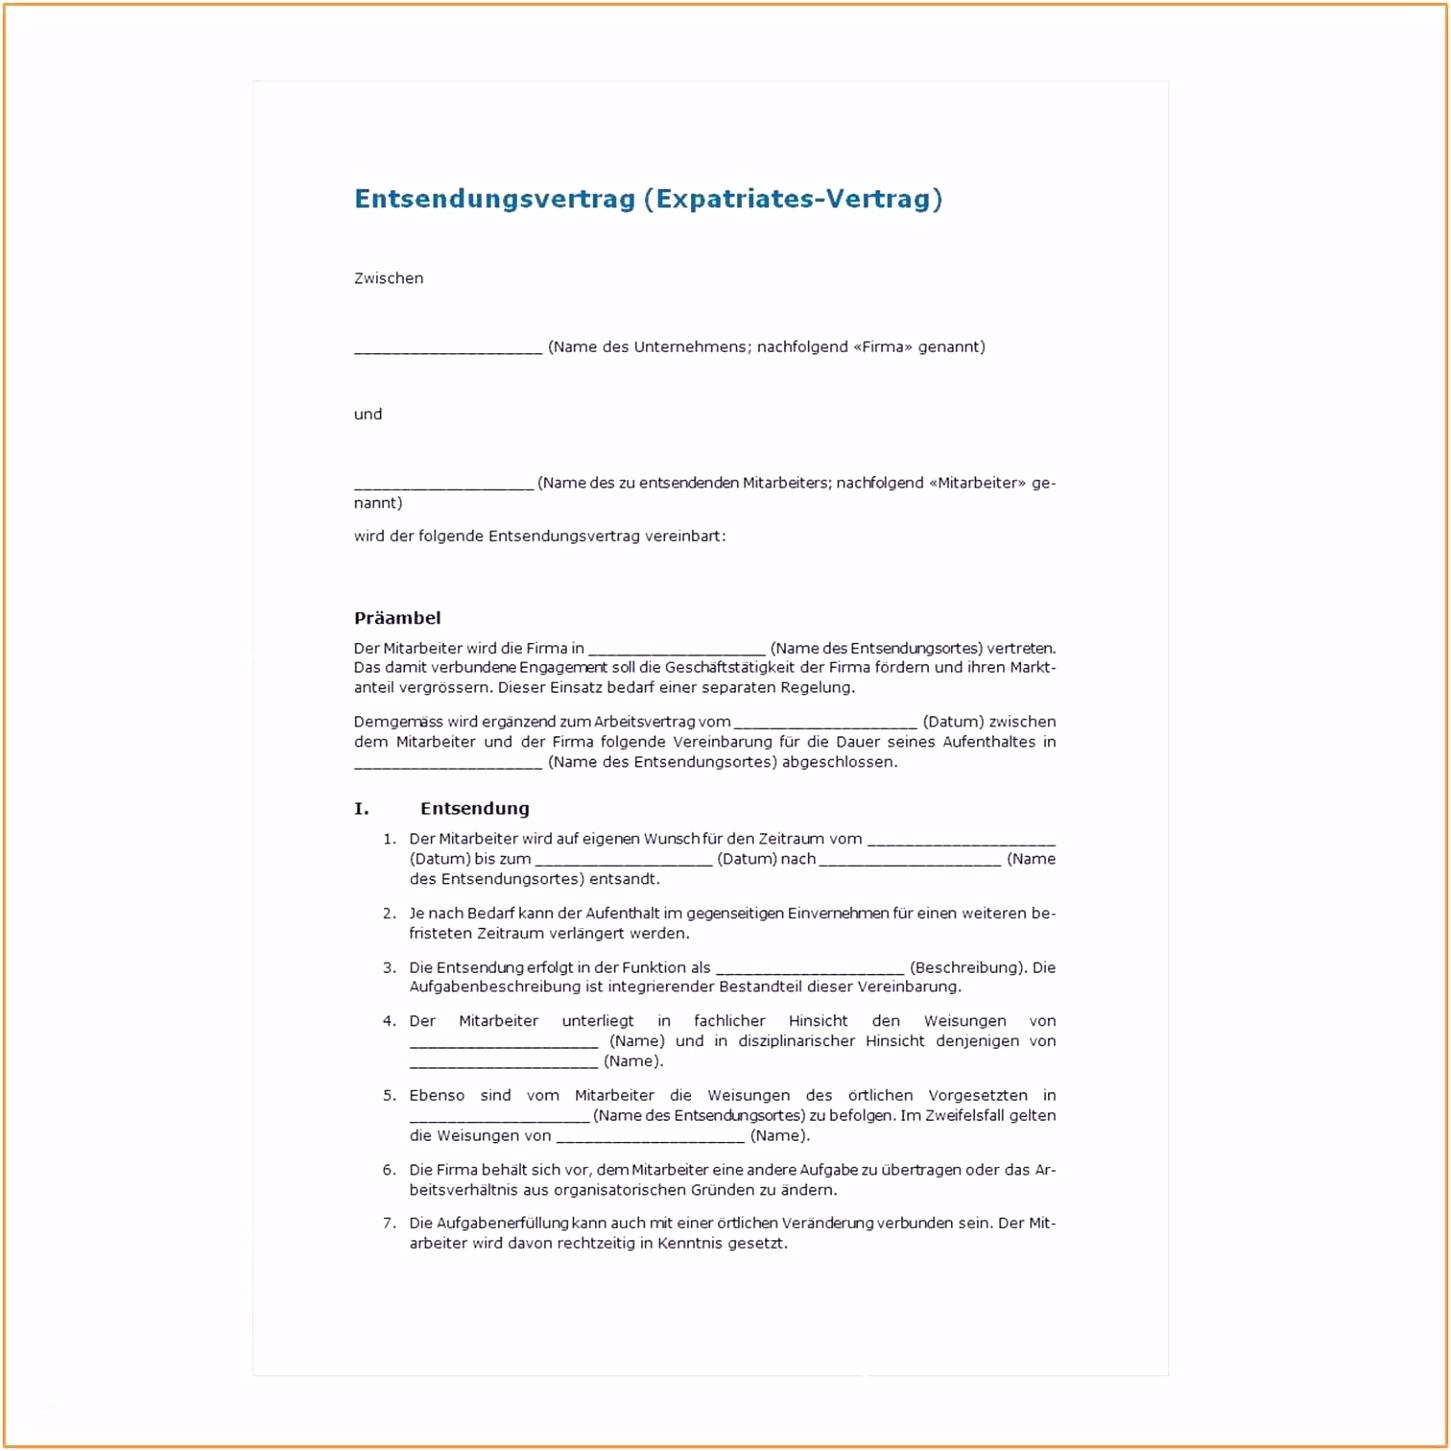 Vorlage Rechnung Fur Vermittlung Vereinbarung Weg Elegant Bewerbung Word Vorlage Inspirierend Word D5kd44kdo1 Lutu5ucqi6